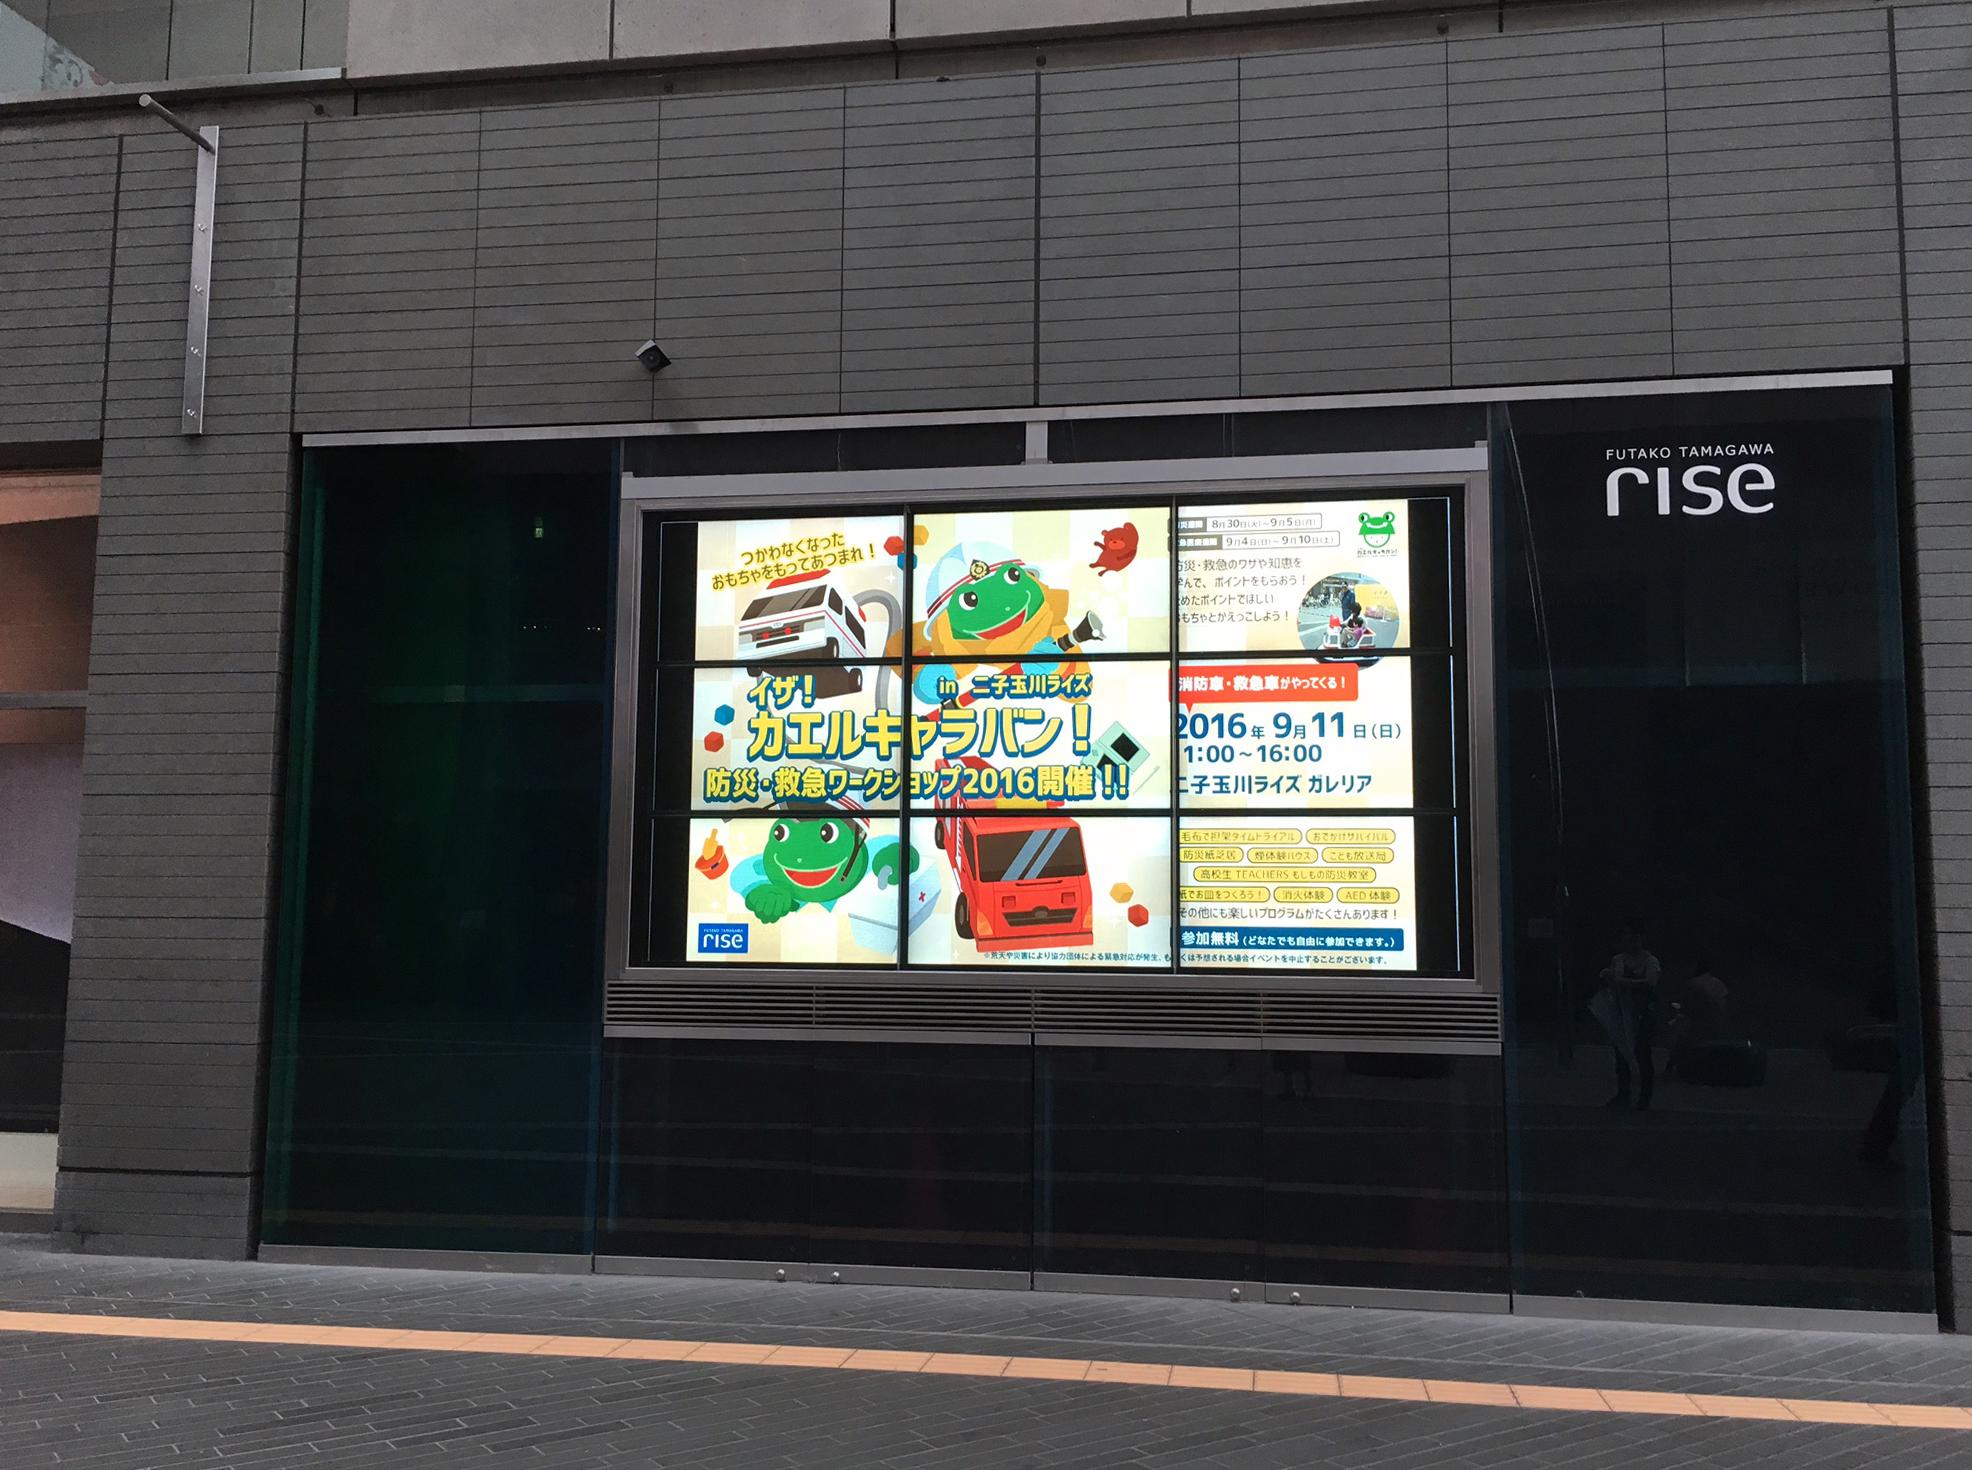 イザ!カエルキャラバン!in二子玉川ライズ